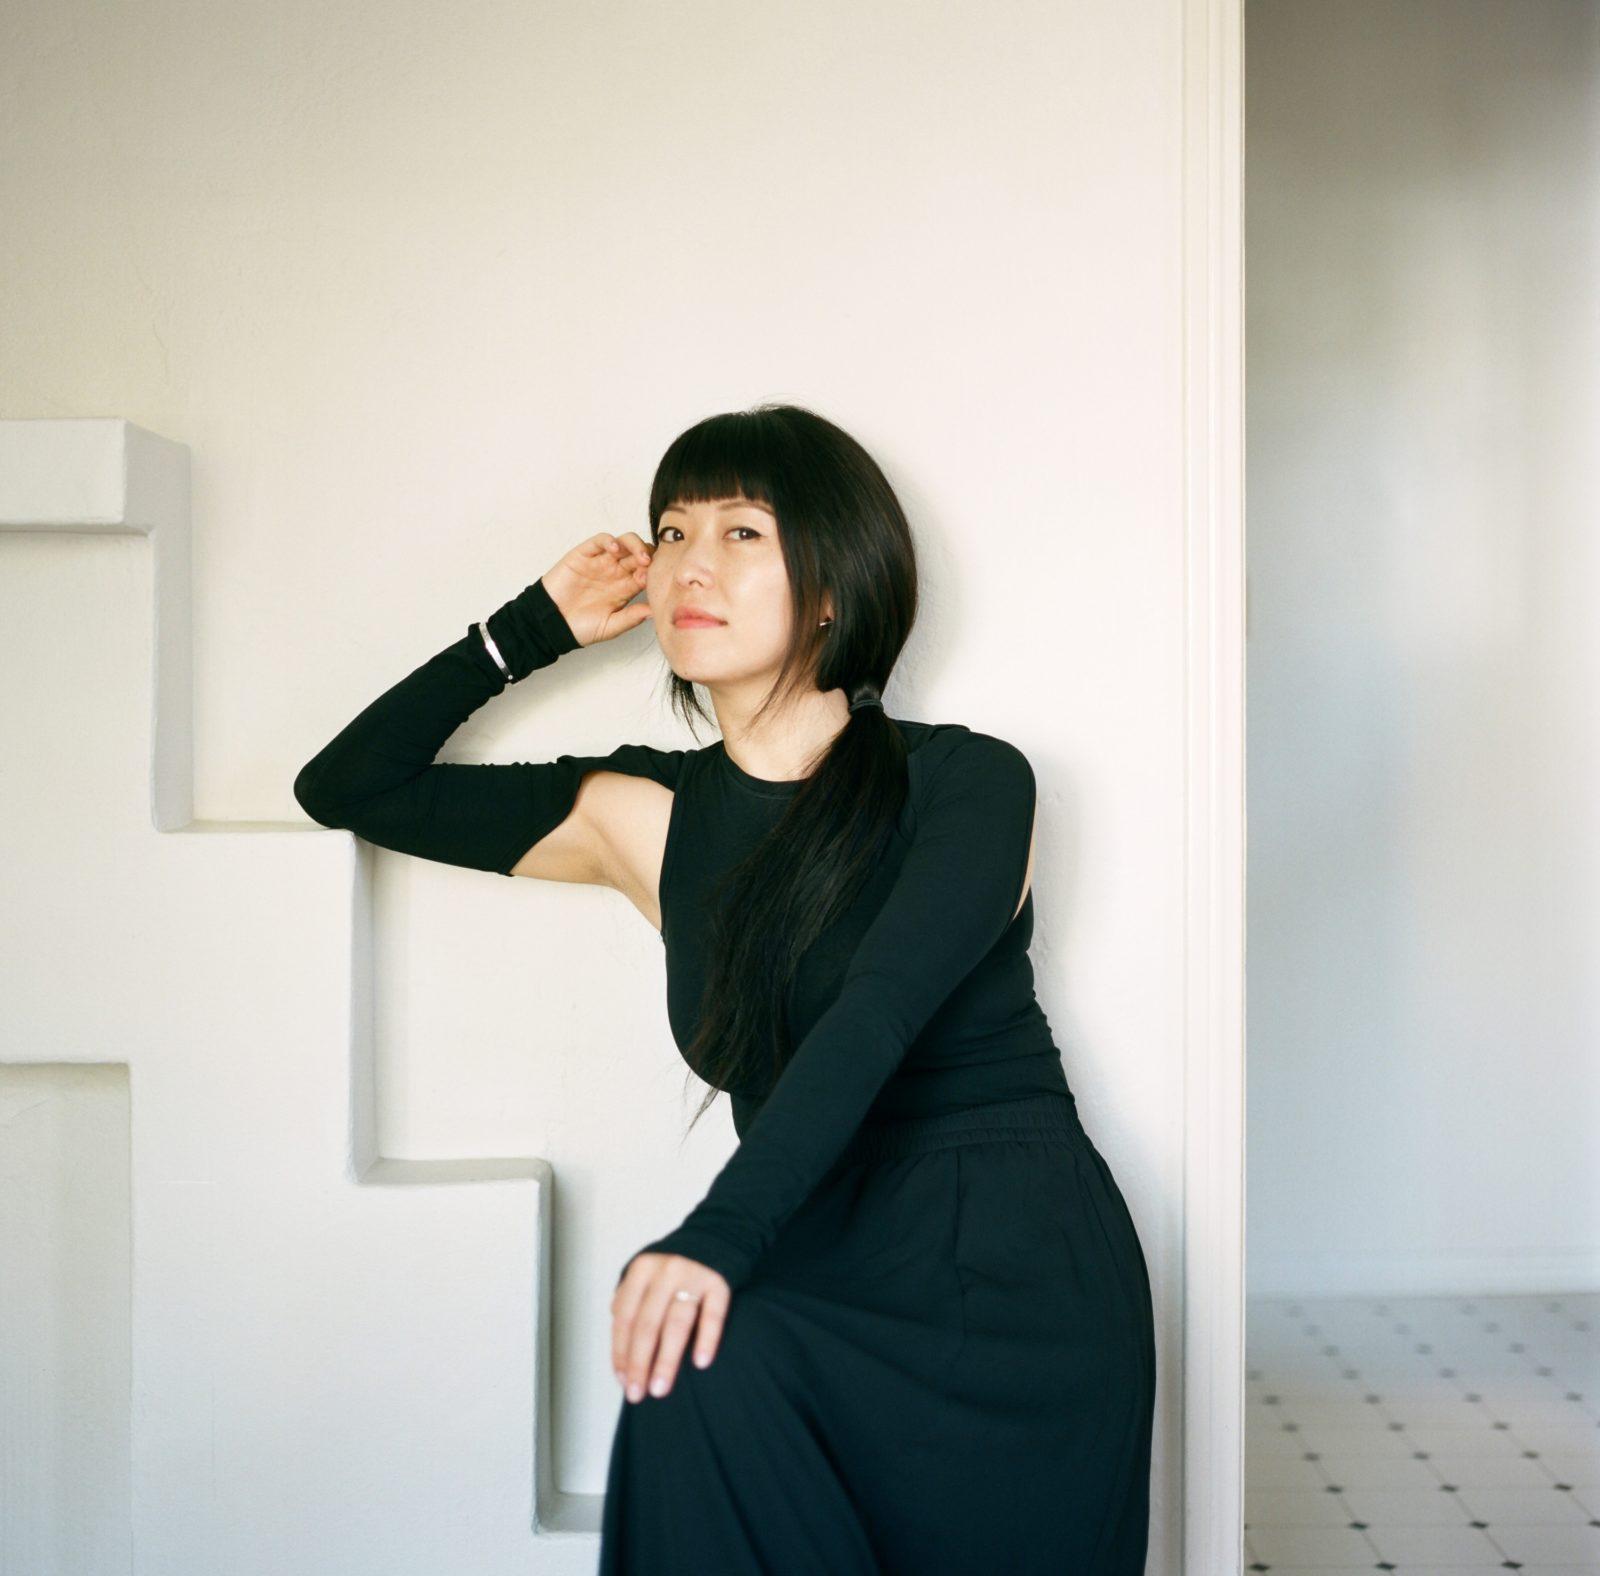 Author Juliana Wang